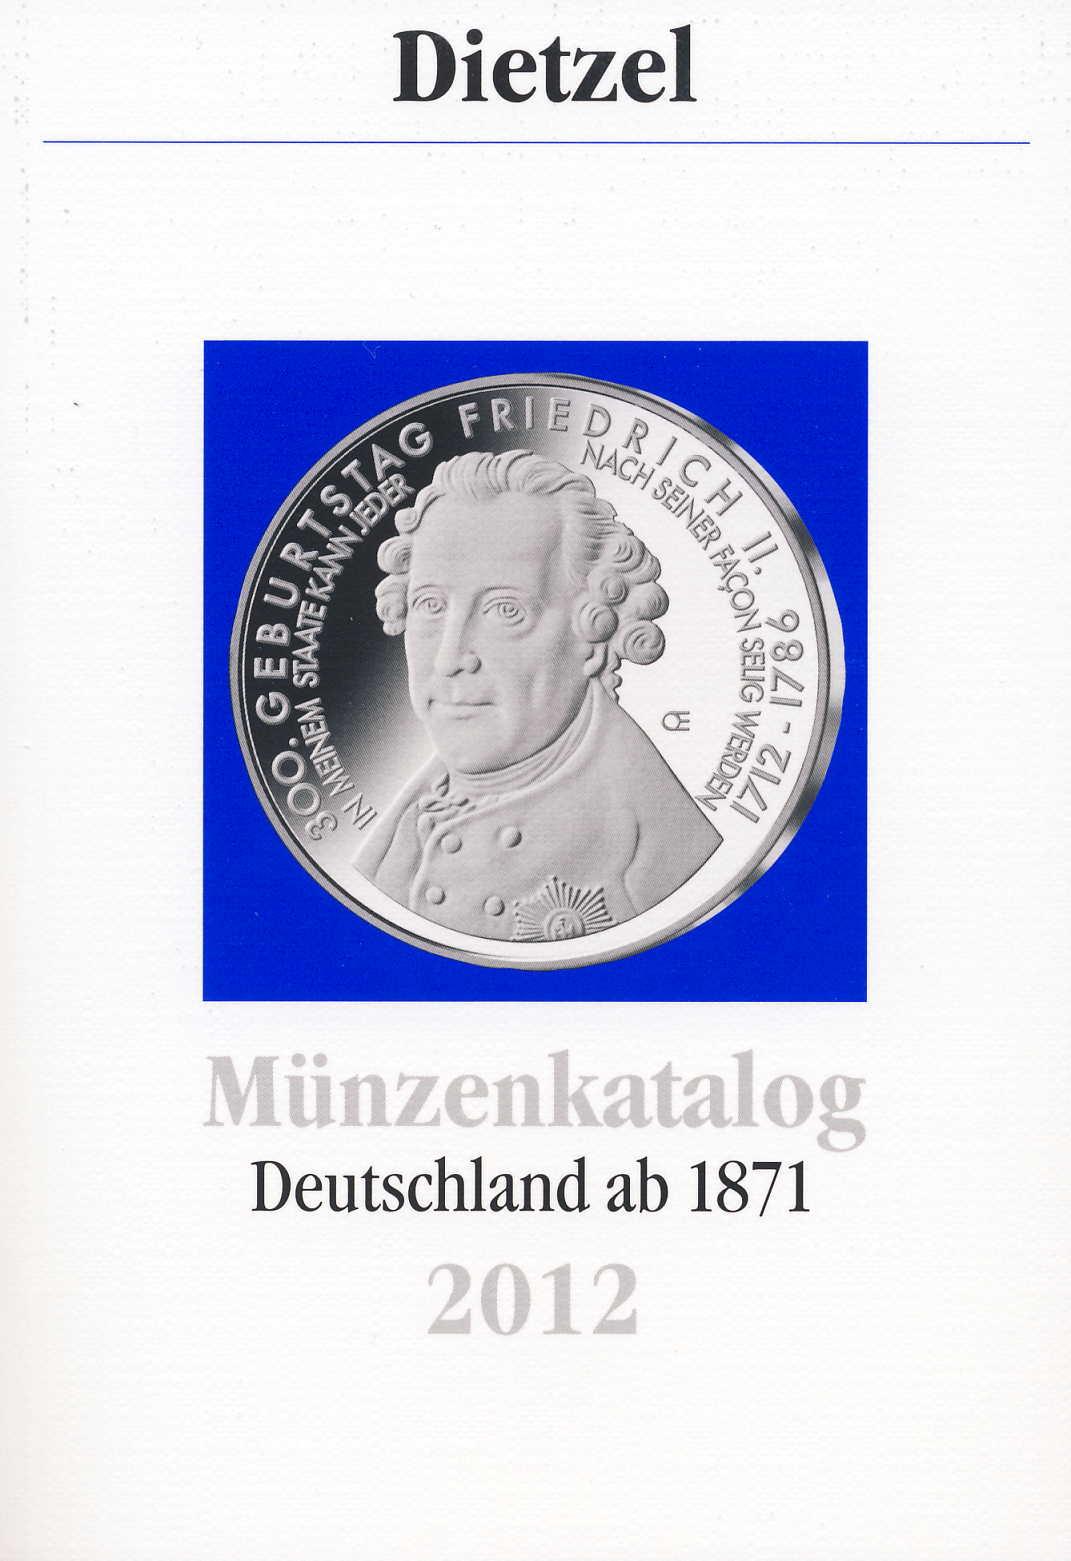 Dietzel Münzenkatalog Deutschland ab 1871 2012